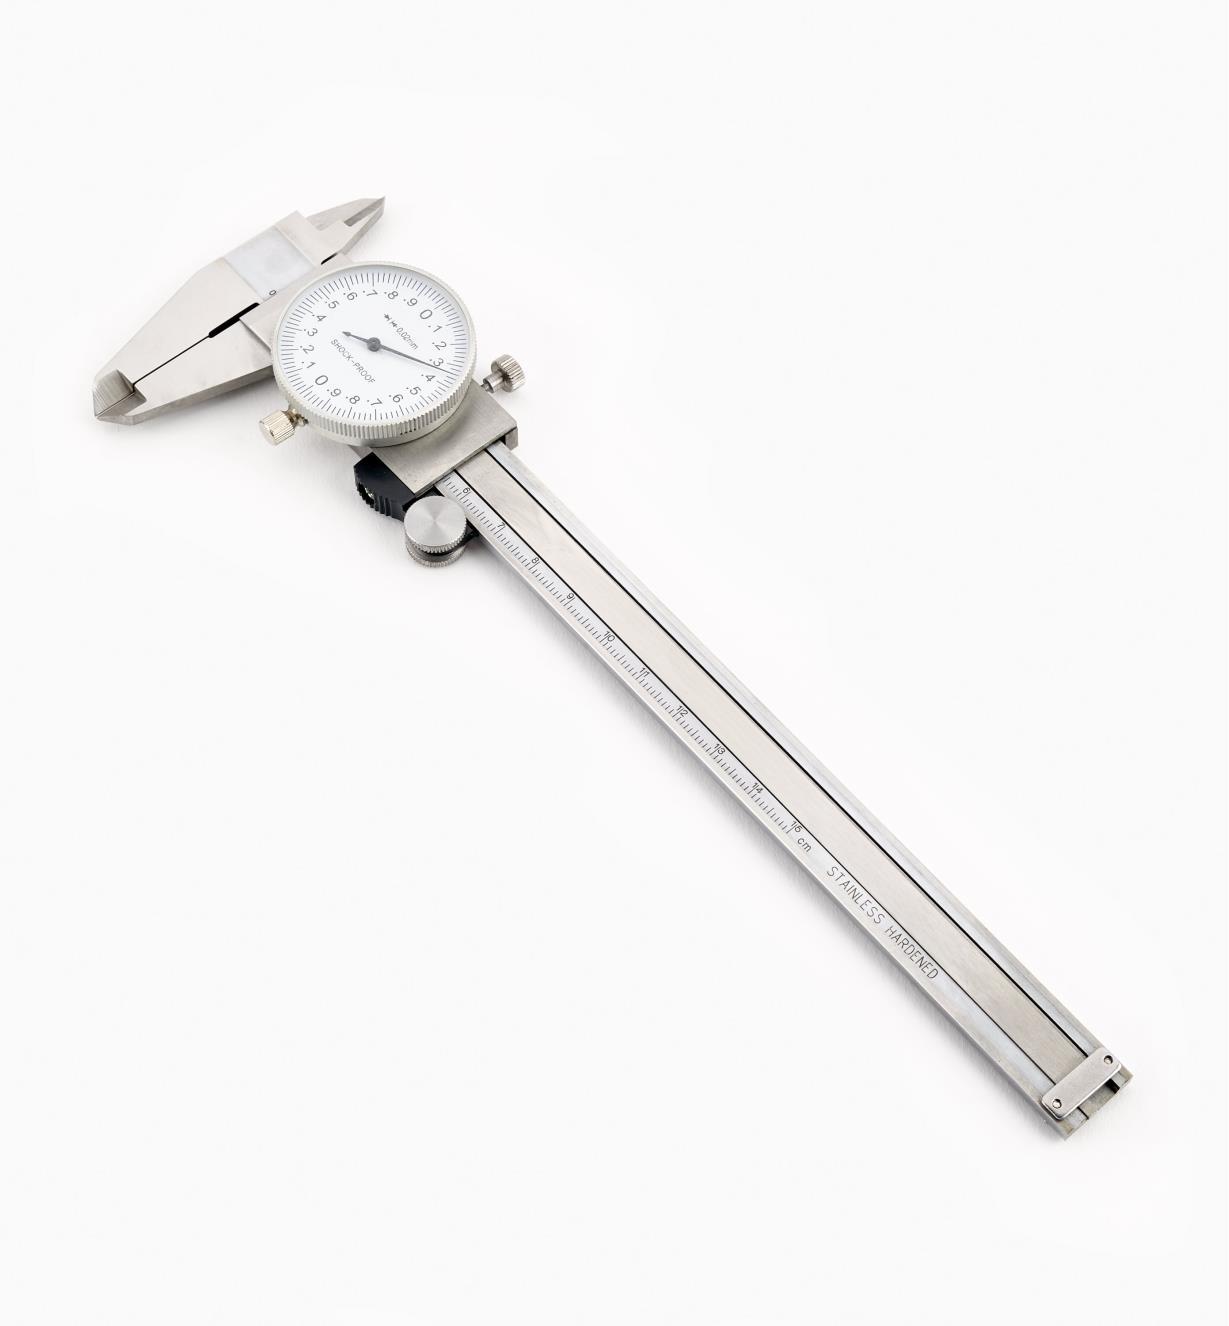 88N1701 - 15cm Metric Dial Caliper